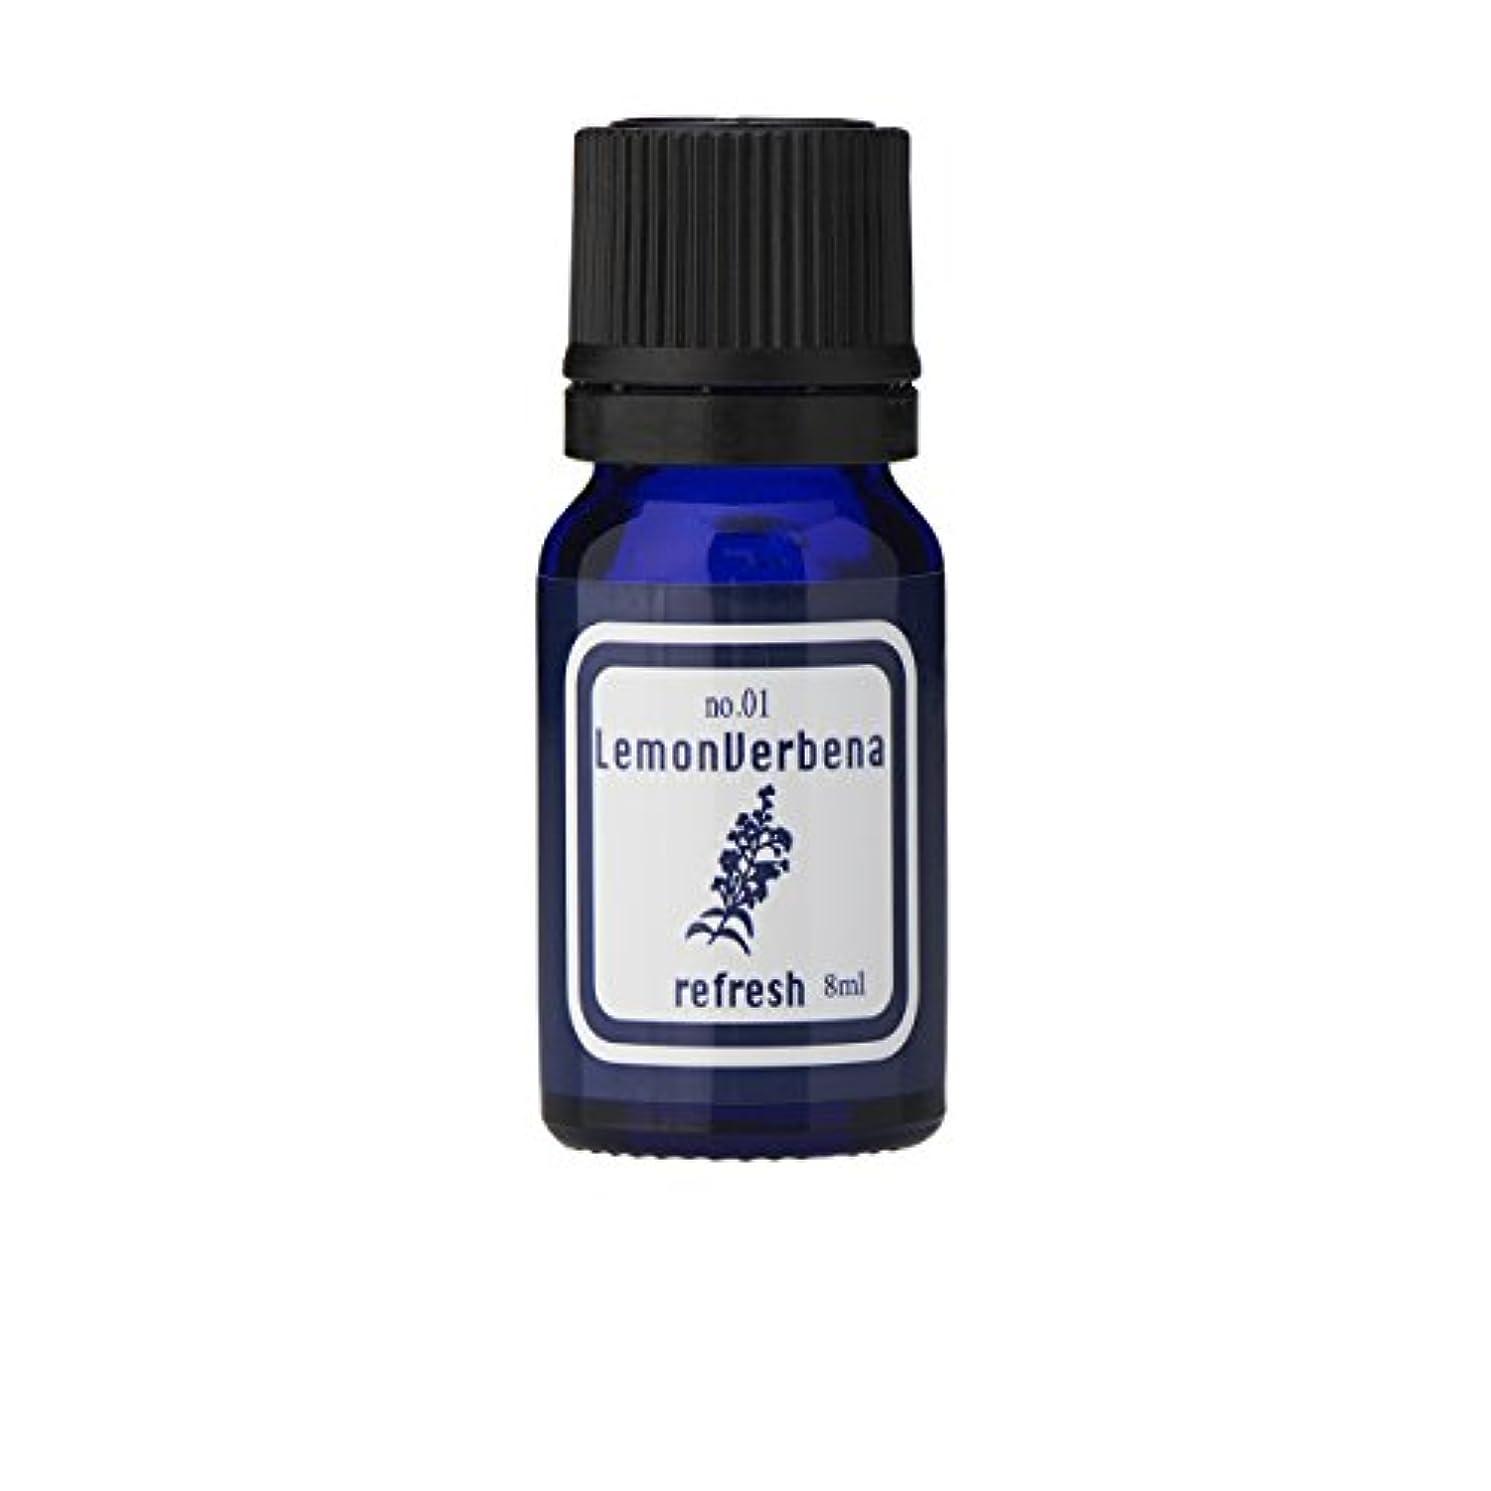 砂カプラー密ブルーラベル アロマエッセンス8ml レモンバーベナ(アロマオイル 調合香料 芳香用)